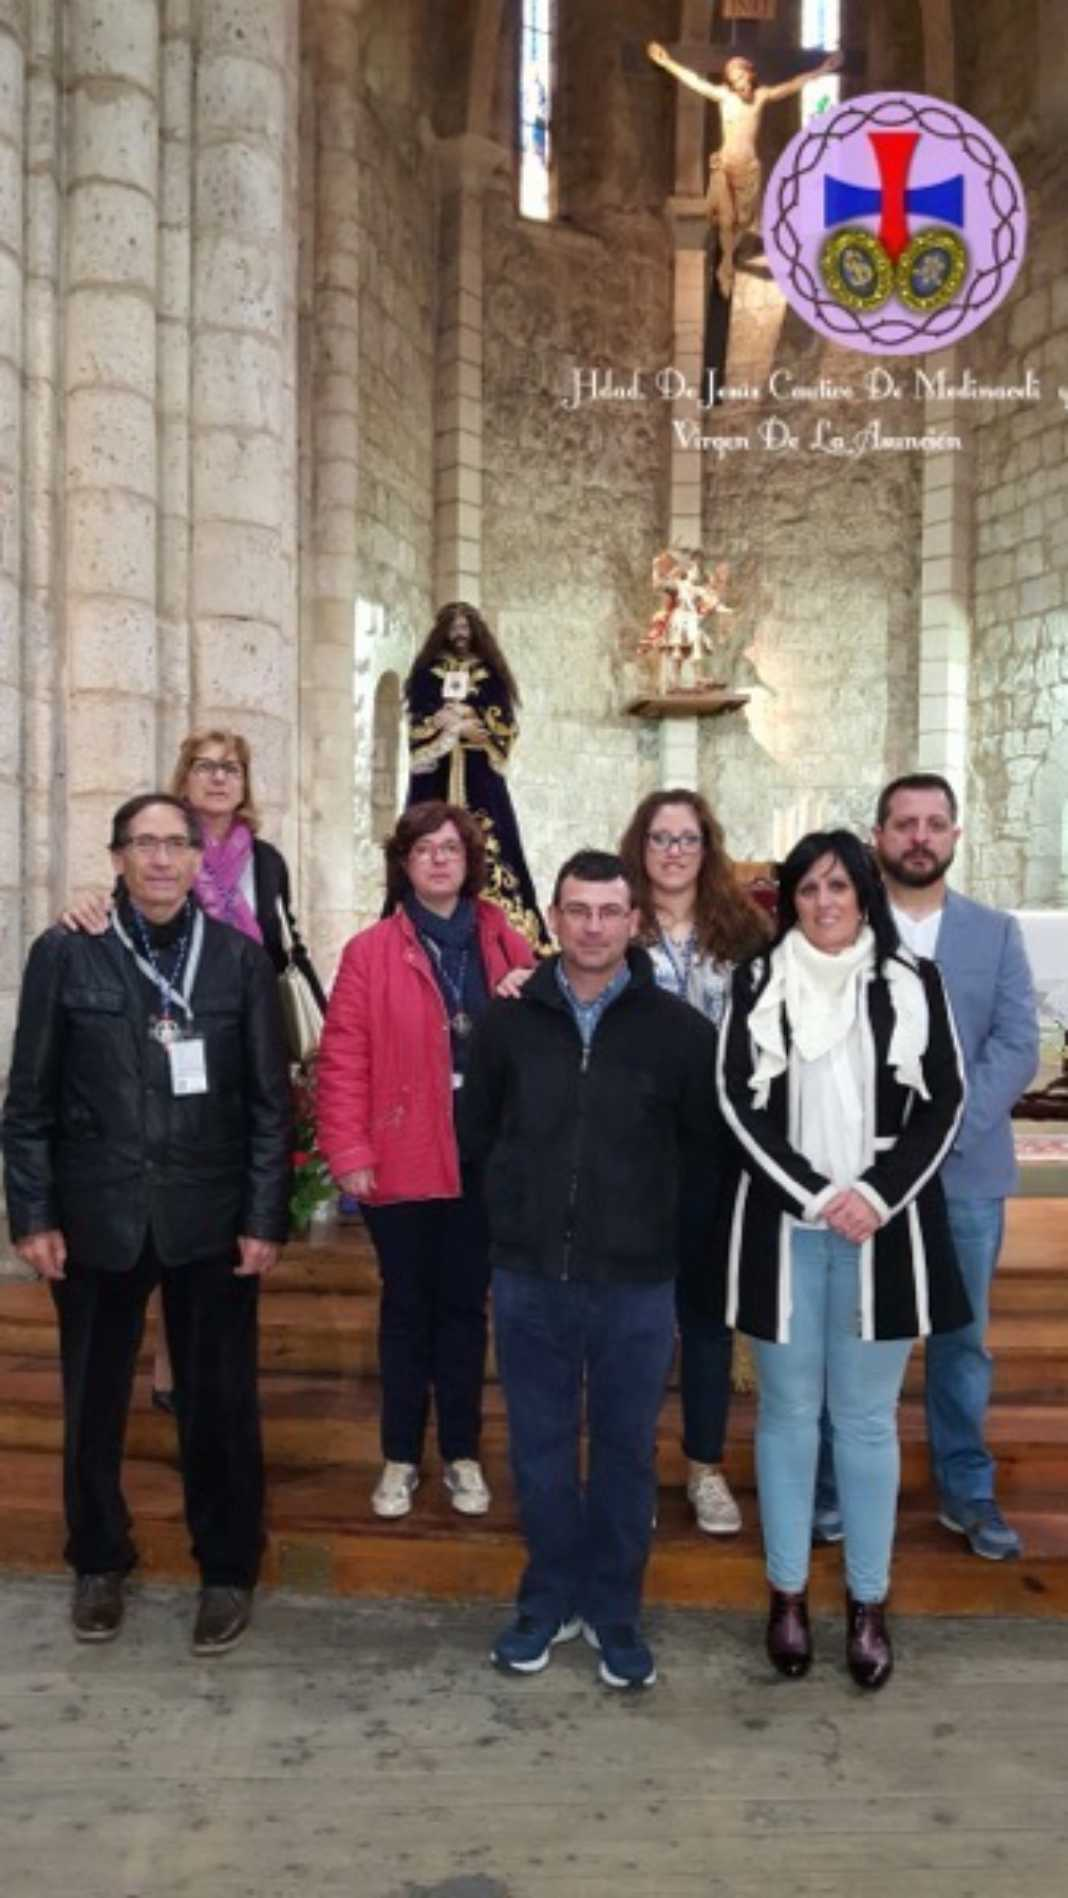 Hermandad de Jesus de Medinaceli de Herencia en Palencia01 1068x1898 - La hermandad de Jesús de Medinaceli asiste al Congreso Nacional de Palencia